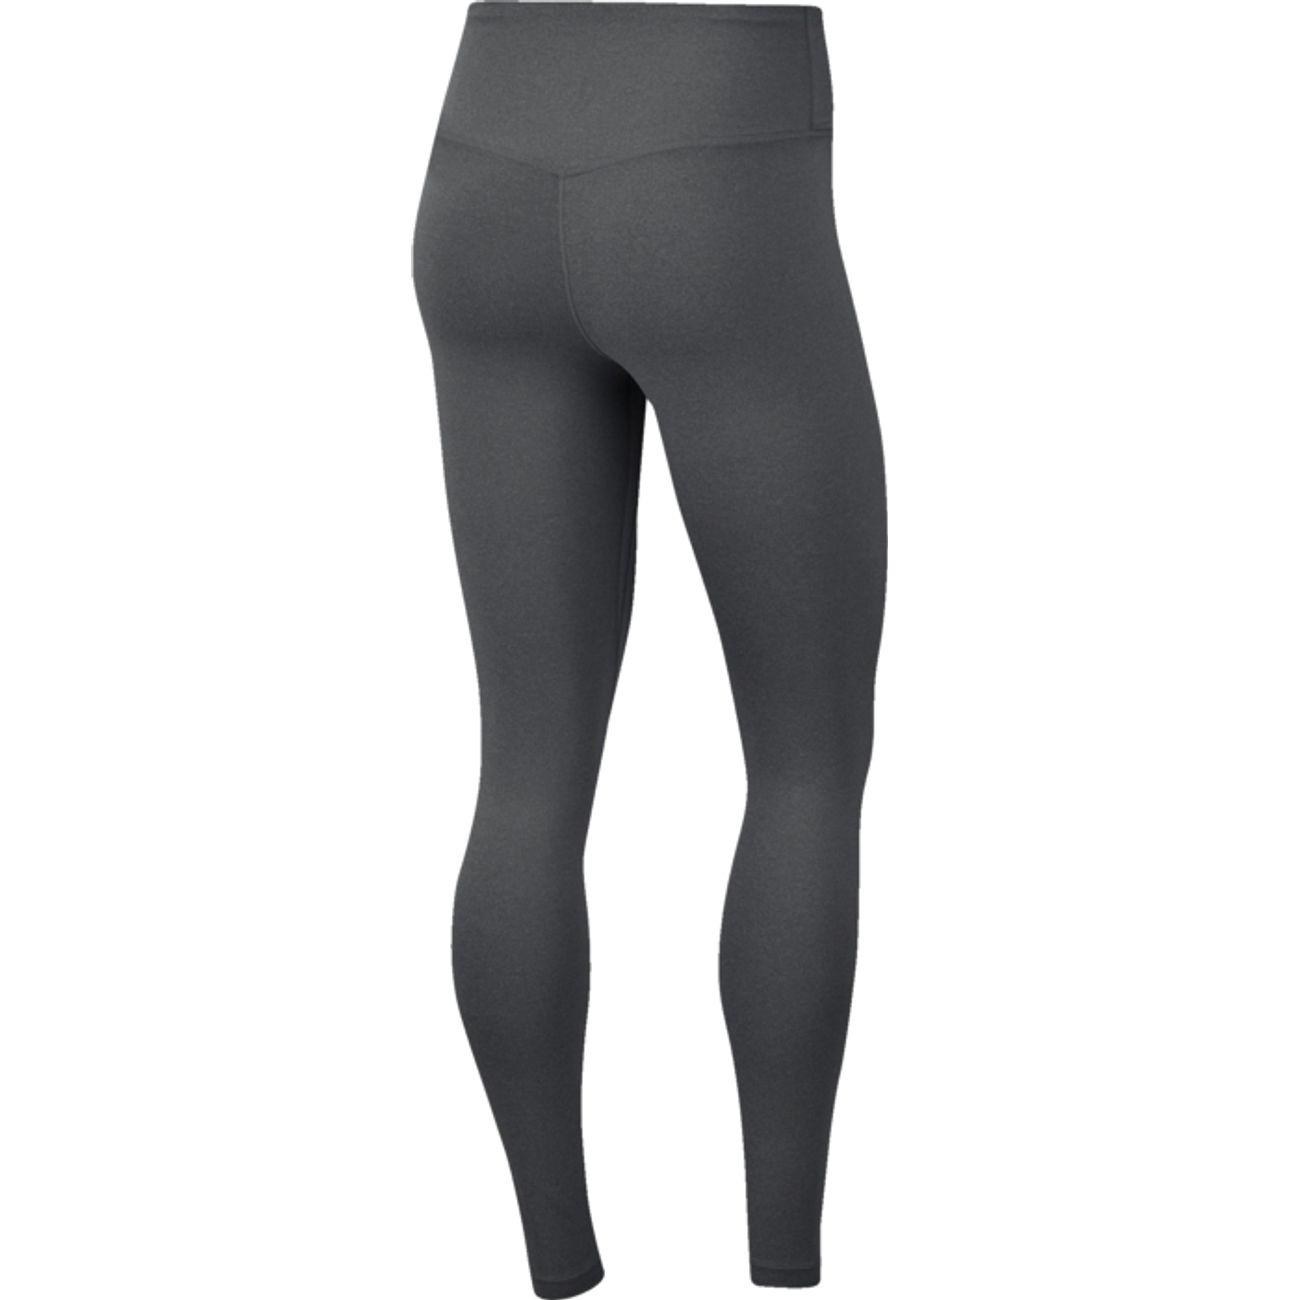 legging Taille haute Fitness femme NIKE Nike One